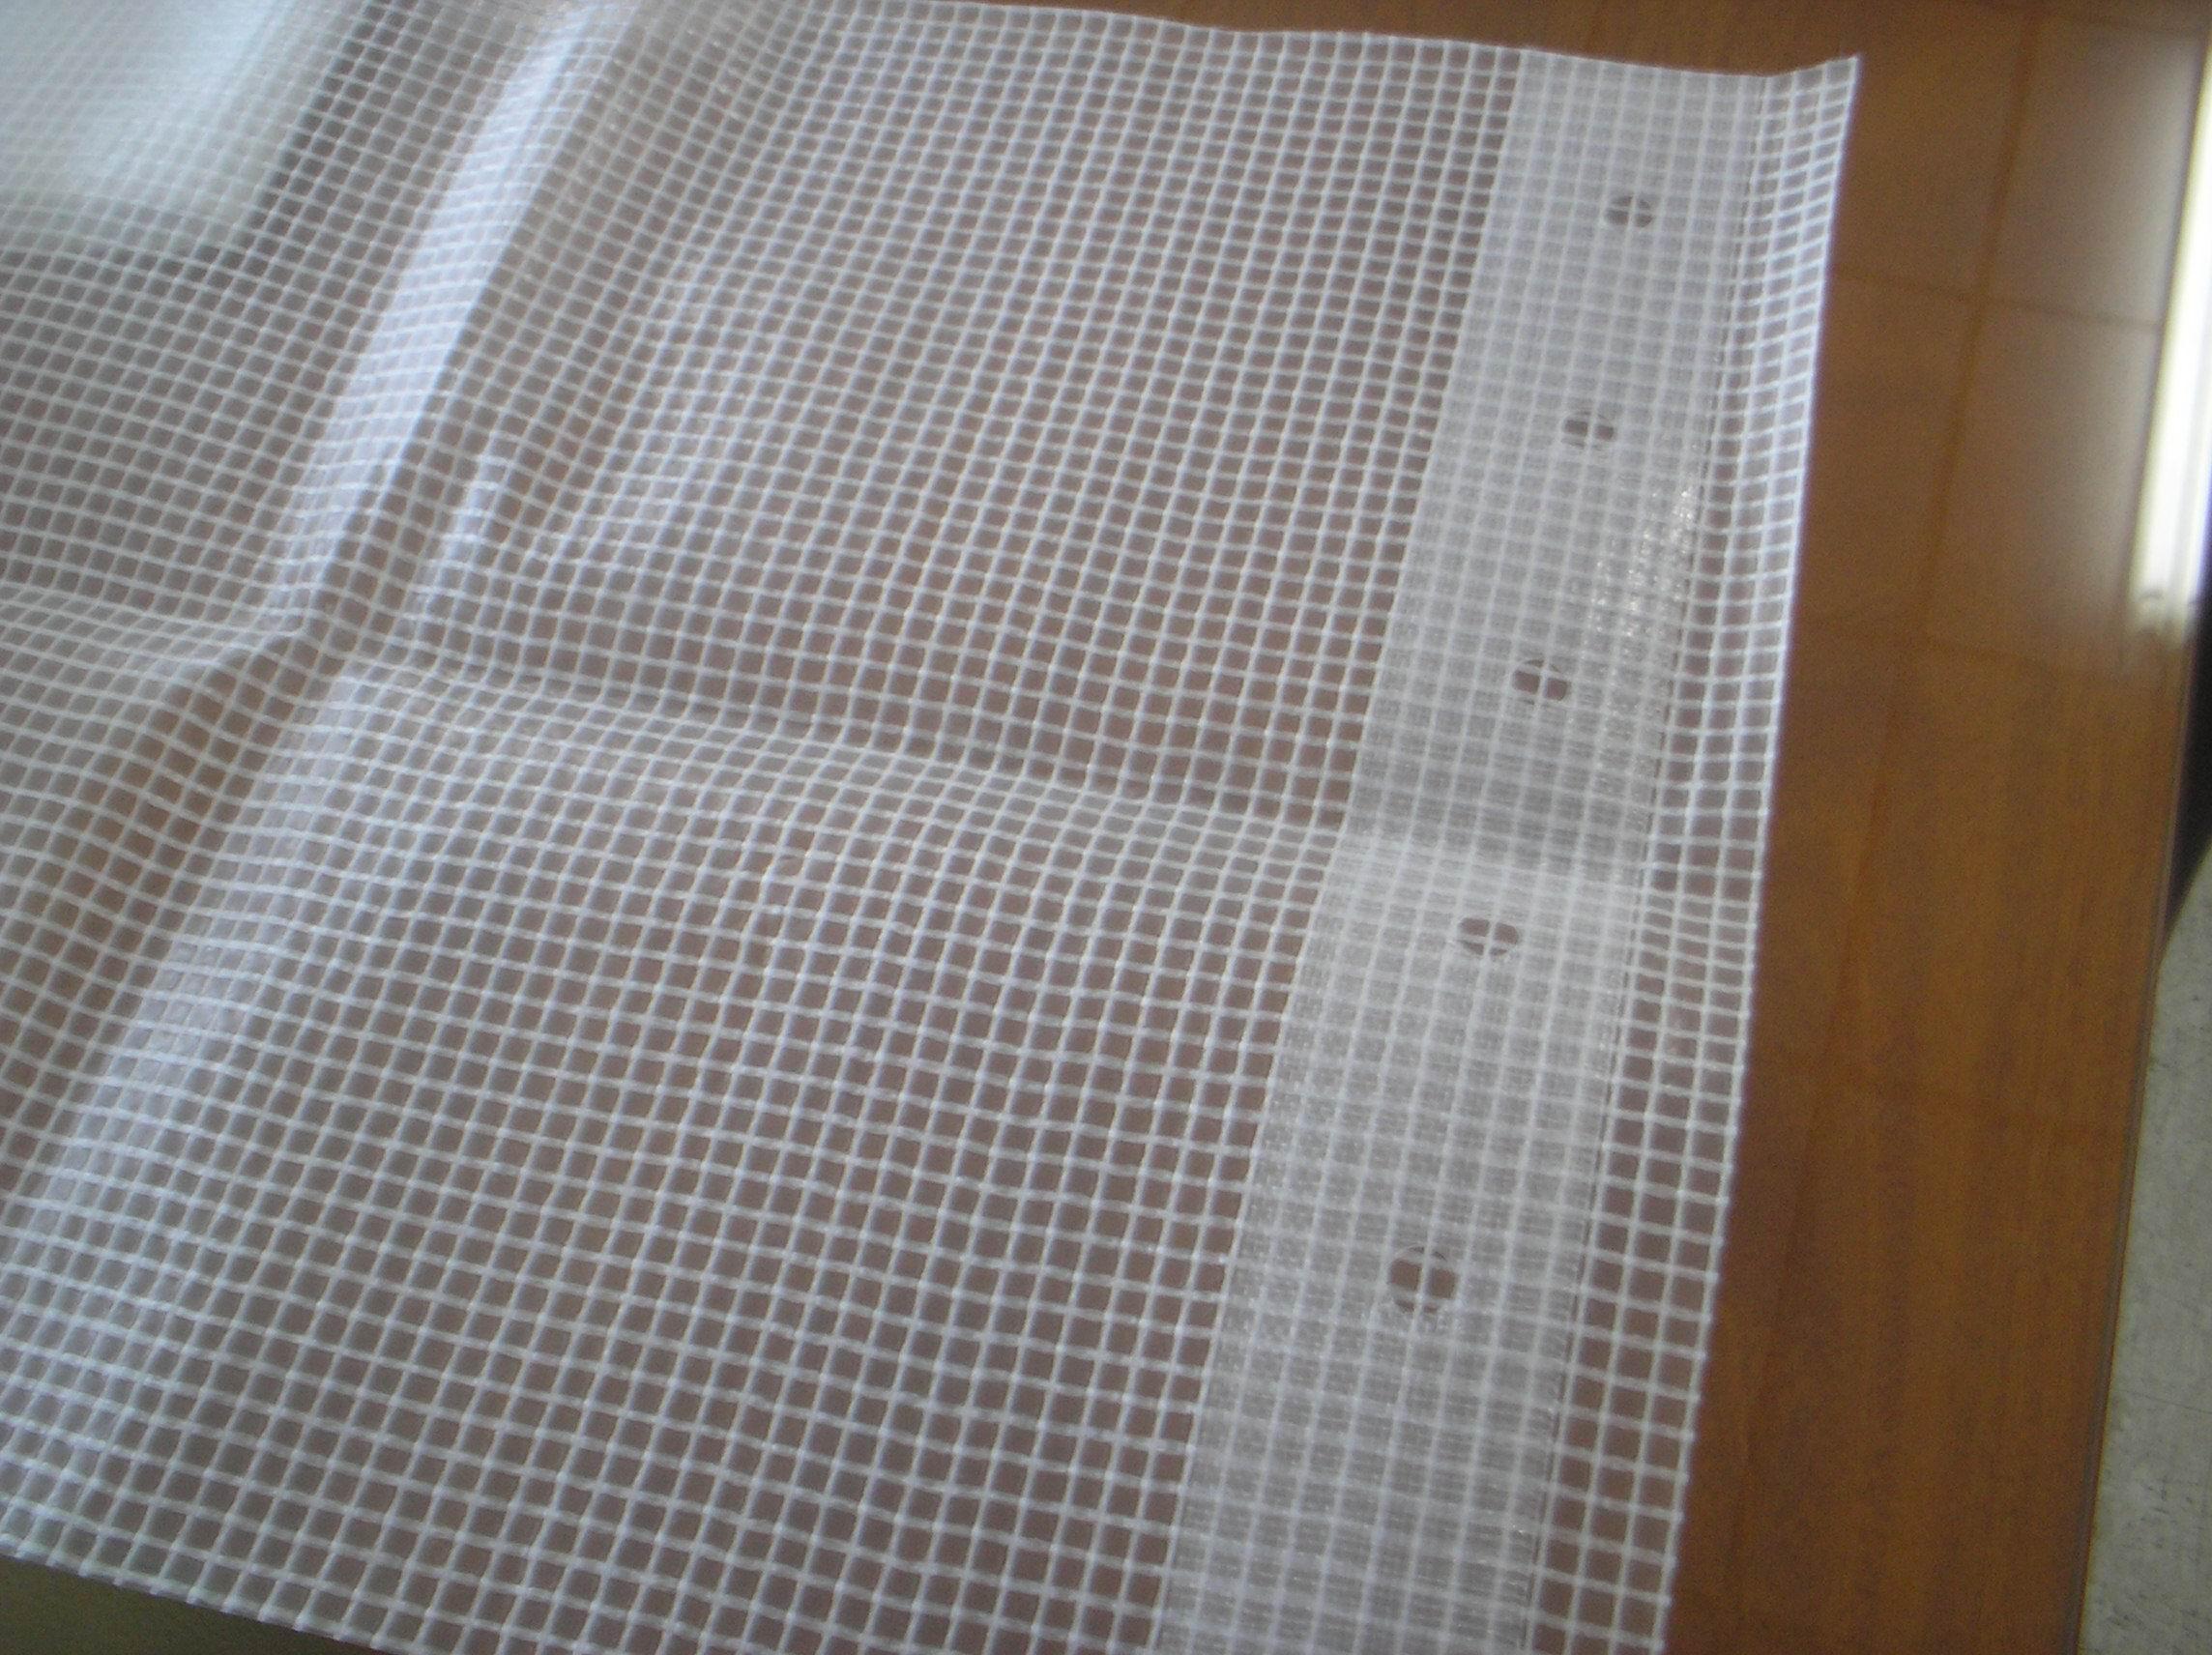 浙江海宁神彩布业有限公司复合涂层新材料有限公司是一家专业生产灯箱布、喷绘布、防水布、篷布等产品的企业。我公司自2005年成立以来,一直致力于PVC涂层布、篷布、夹网布、灯箱布、喷绘布等产品的生产和研究,现已形成了一套独特的生产技术,来提高产品的质量和性能。公司产品在国内外市场上都有着极佳的口碑。我公司地处浙江省海宁市经编产业园区,环境优良,交通便利。全体神彩人也在继续努力,并真诚期待和您一起共谋企业的发展,共同开创出一条神彩腾飞之路!神彩诚挚期待与您的合作,并随时欢迎您到我公司参观考察! 透明夹网布、透明